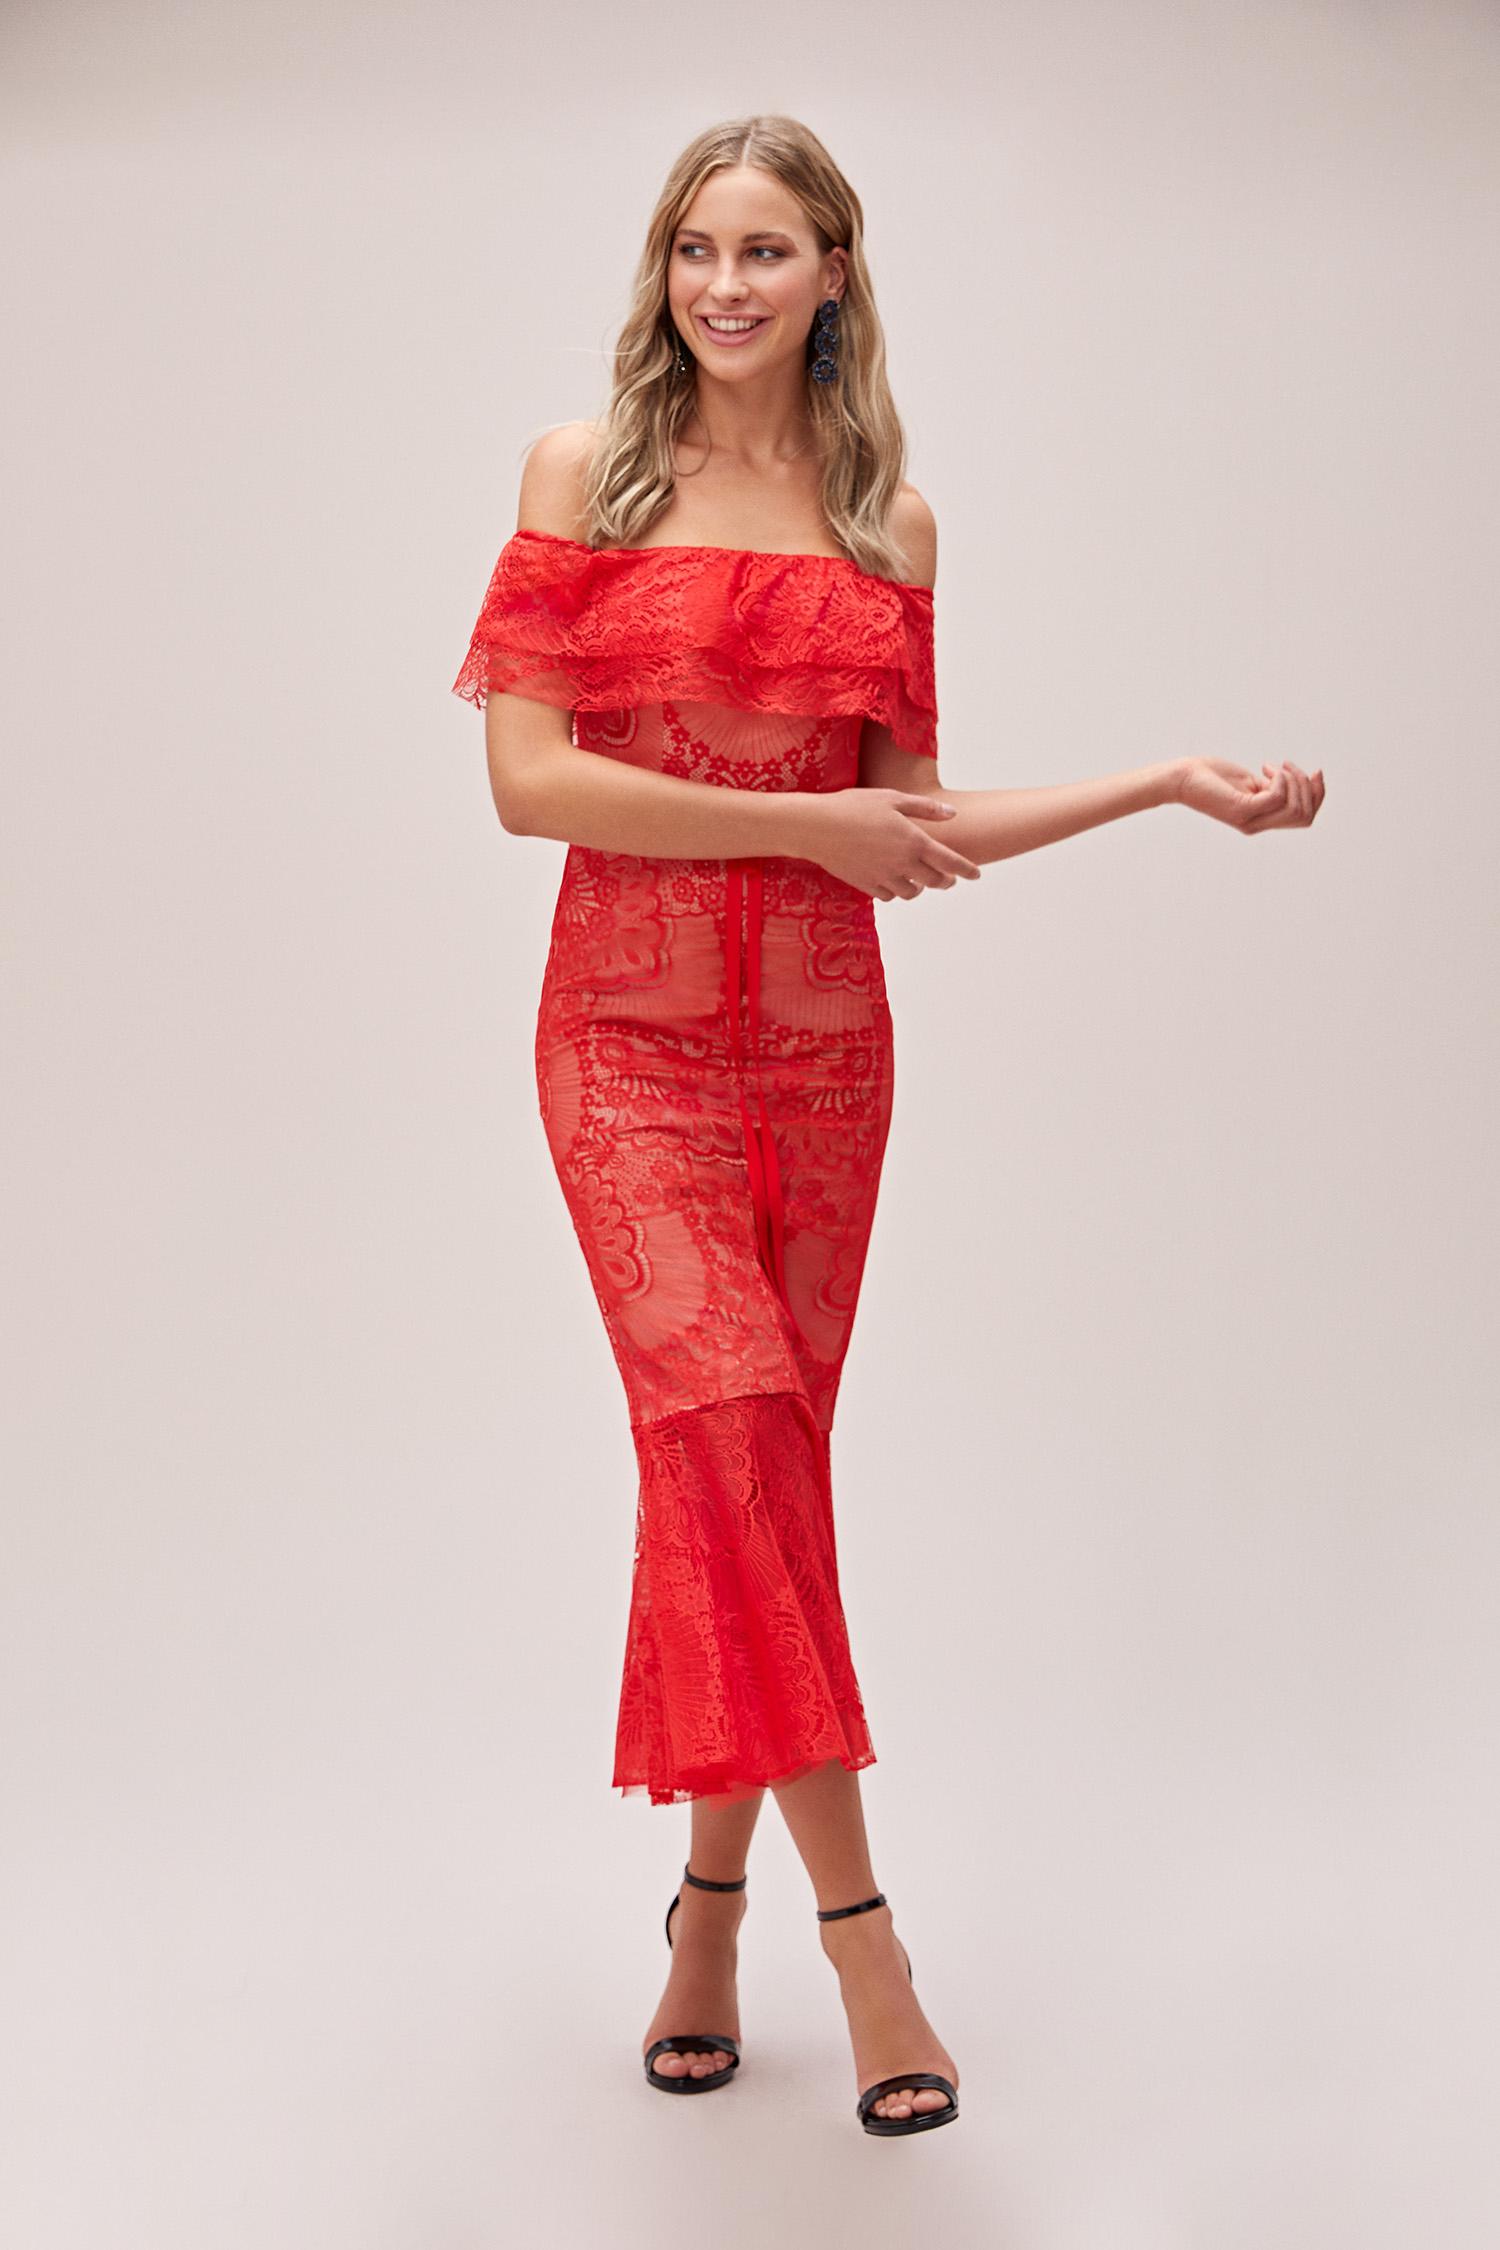 Kırmızı Straplez Dantel İşlemeli Güpürlü Abiye Elbise - Thumbnail